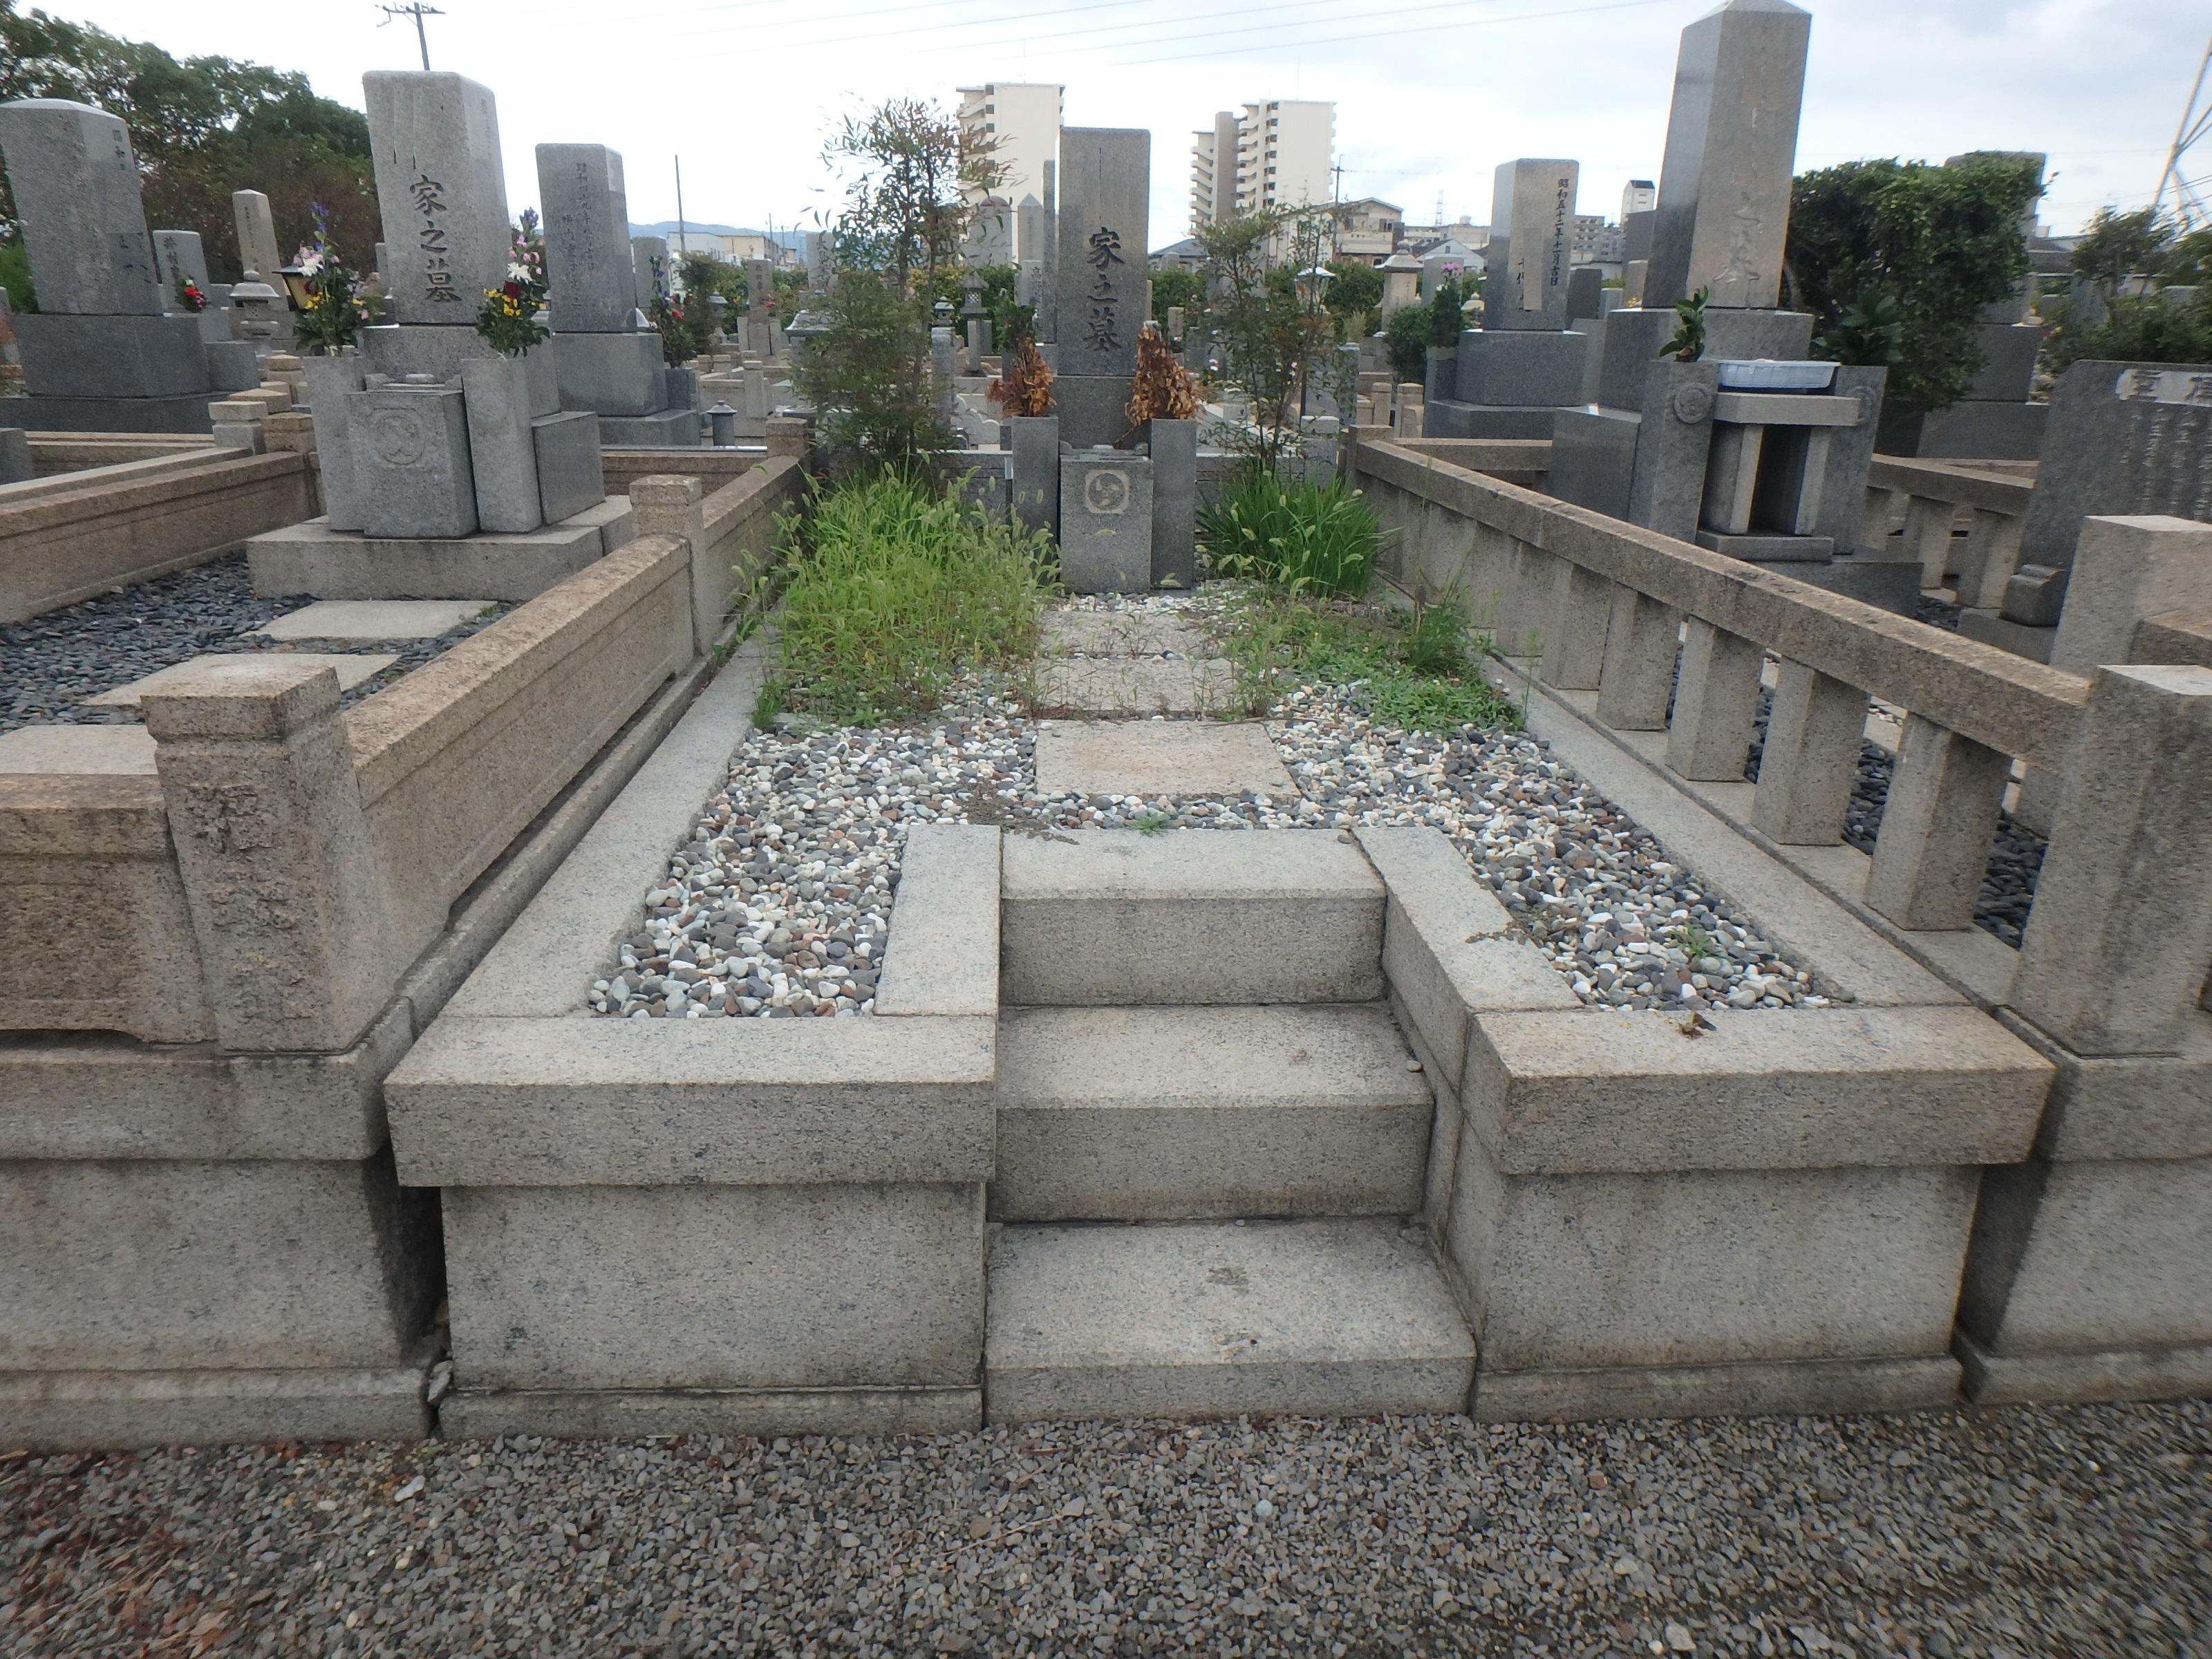 洋型墓石施工例/大阪市瓜破霊園3-37のBefore画像